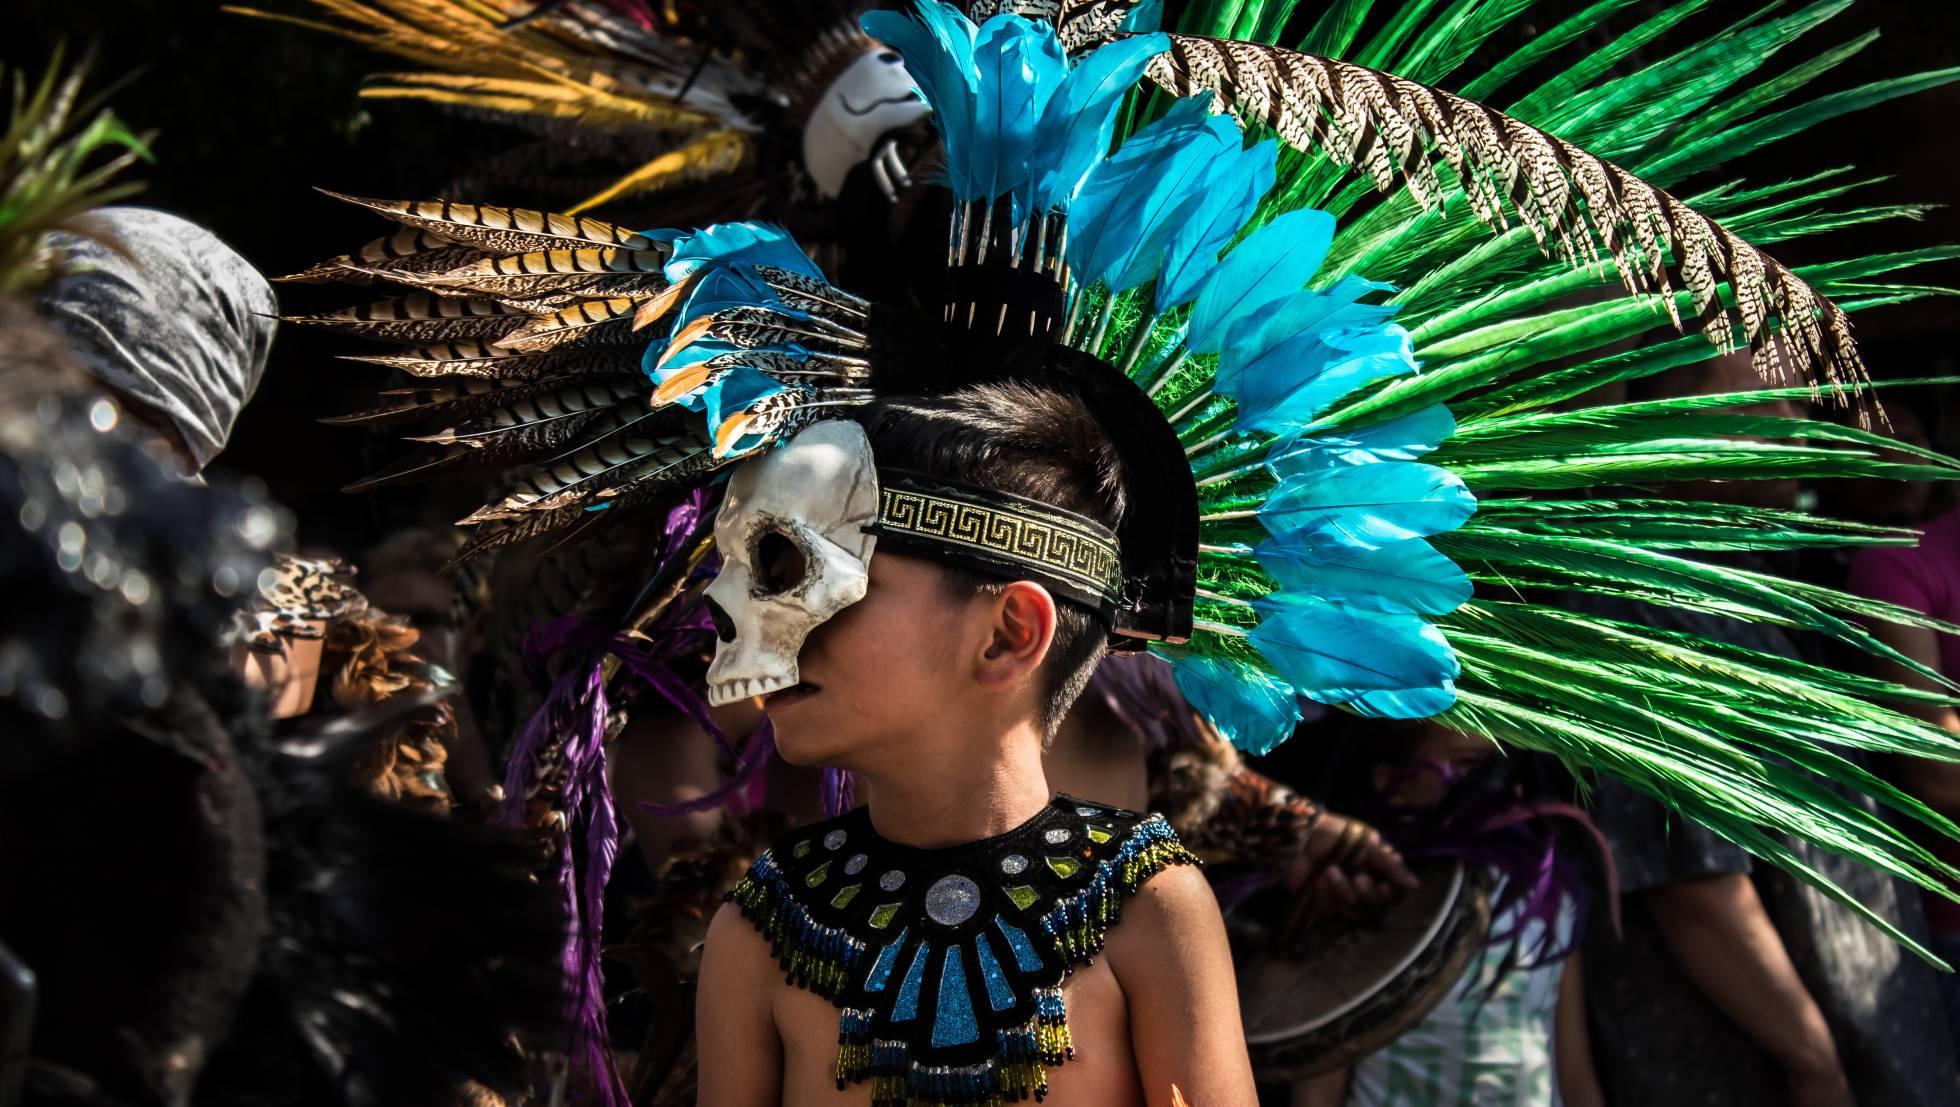 Coisa mais linda: espejo de una narrativa que globaliza la cultura